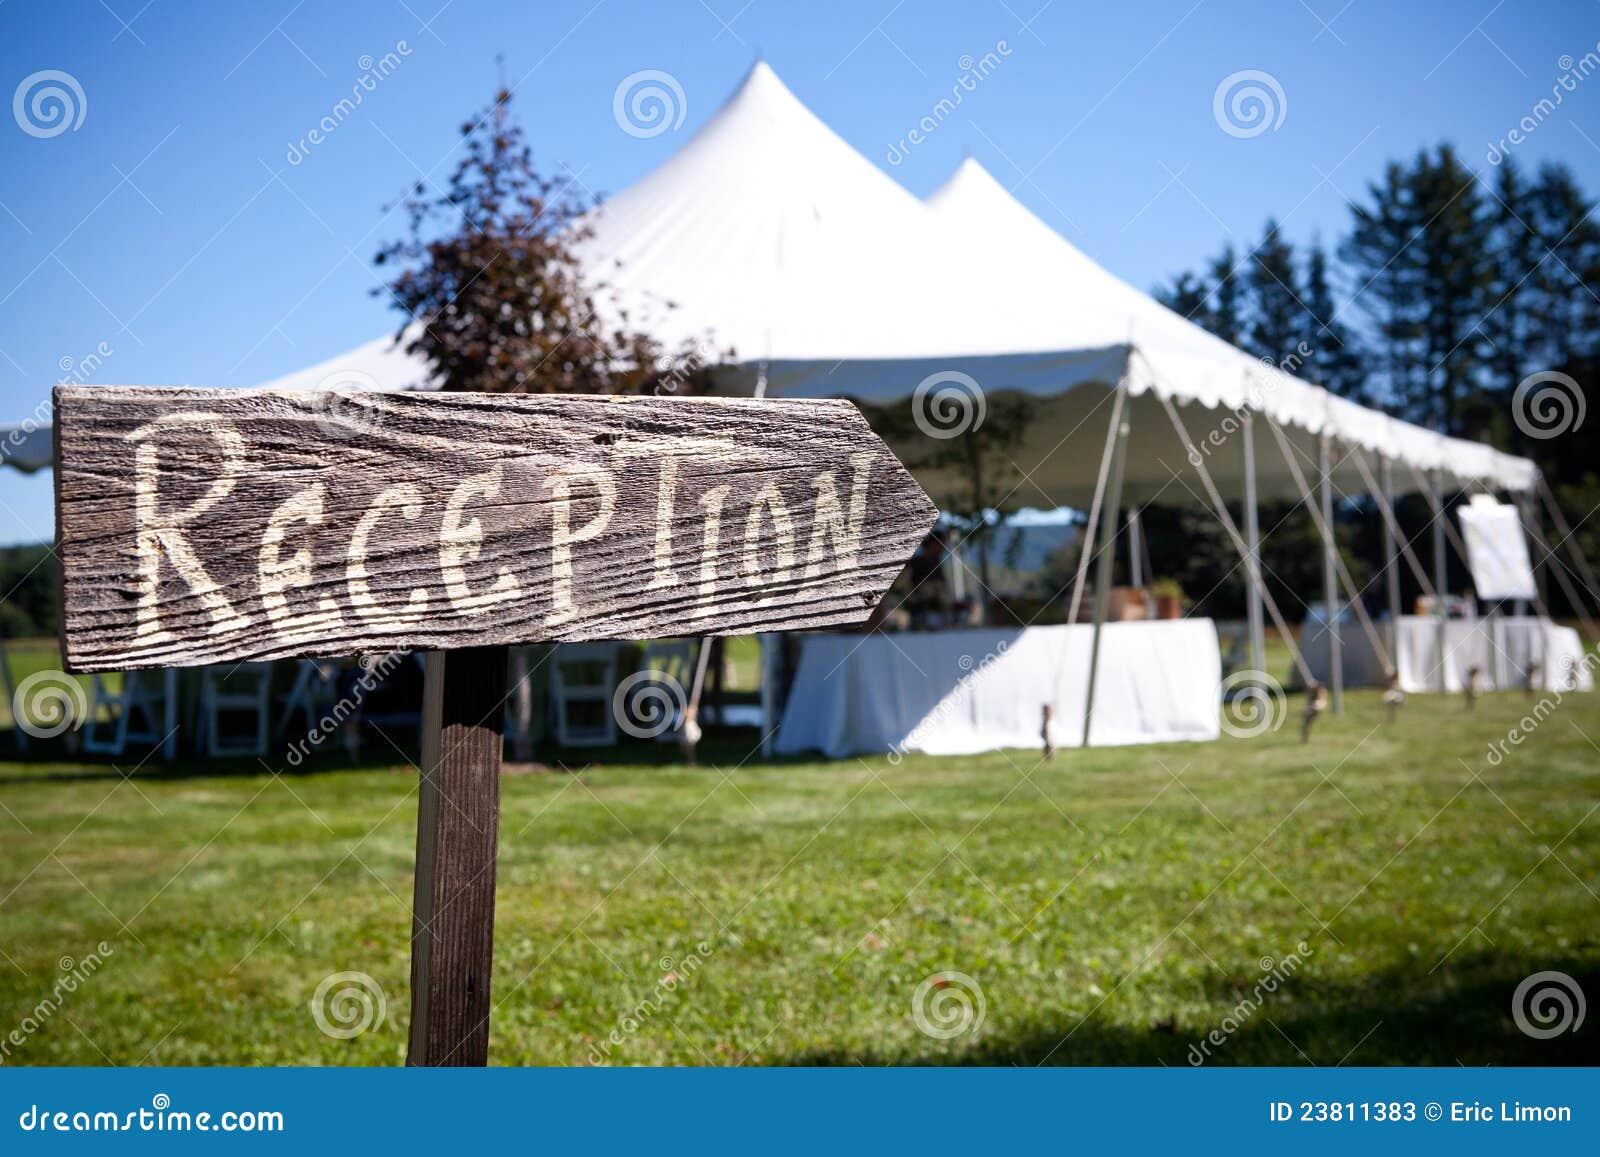 Het teken richt de manier aan de huwelijkstent